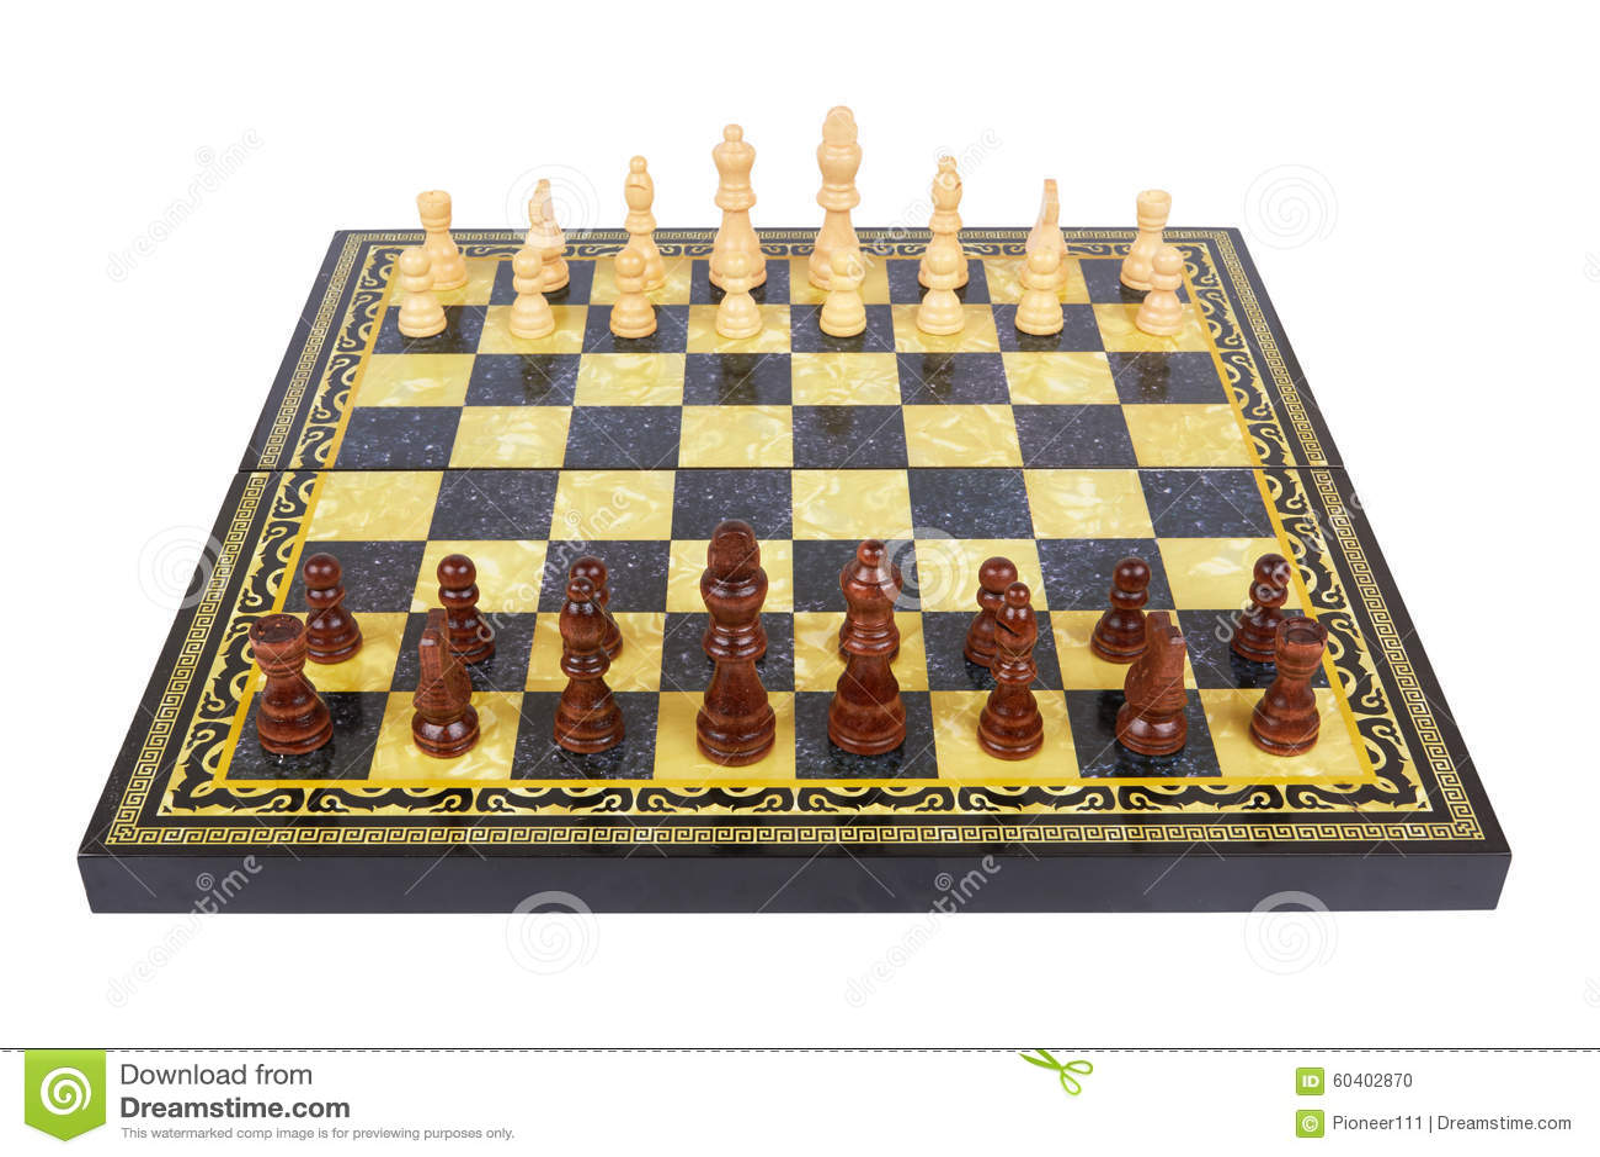 染黑董事会企业检查棋结尾的游戏高亮度显示损失伙伴黑白照片采取白色在方法成功的隐喻